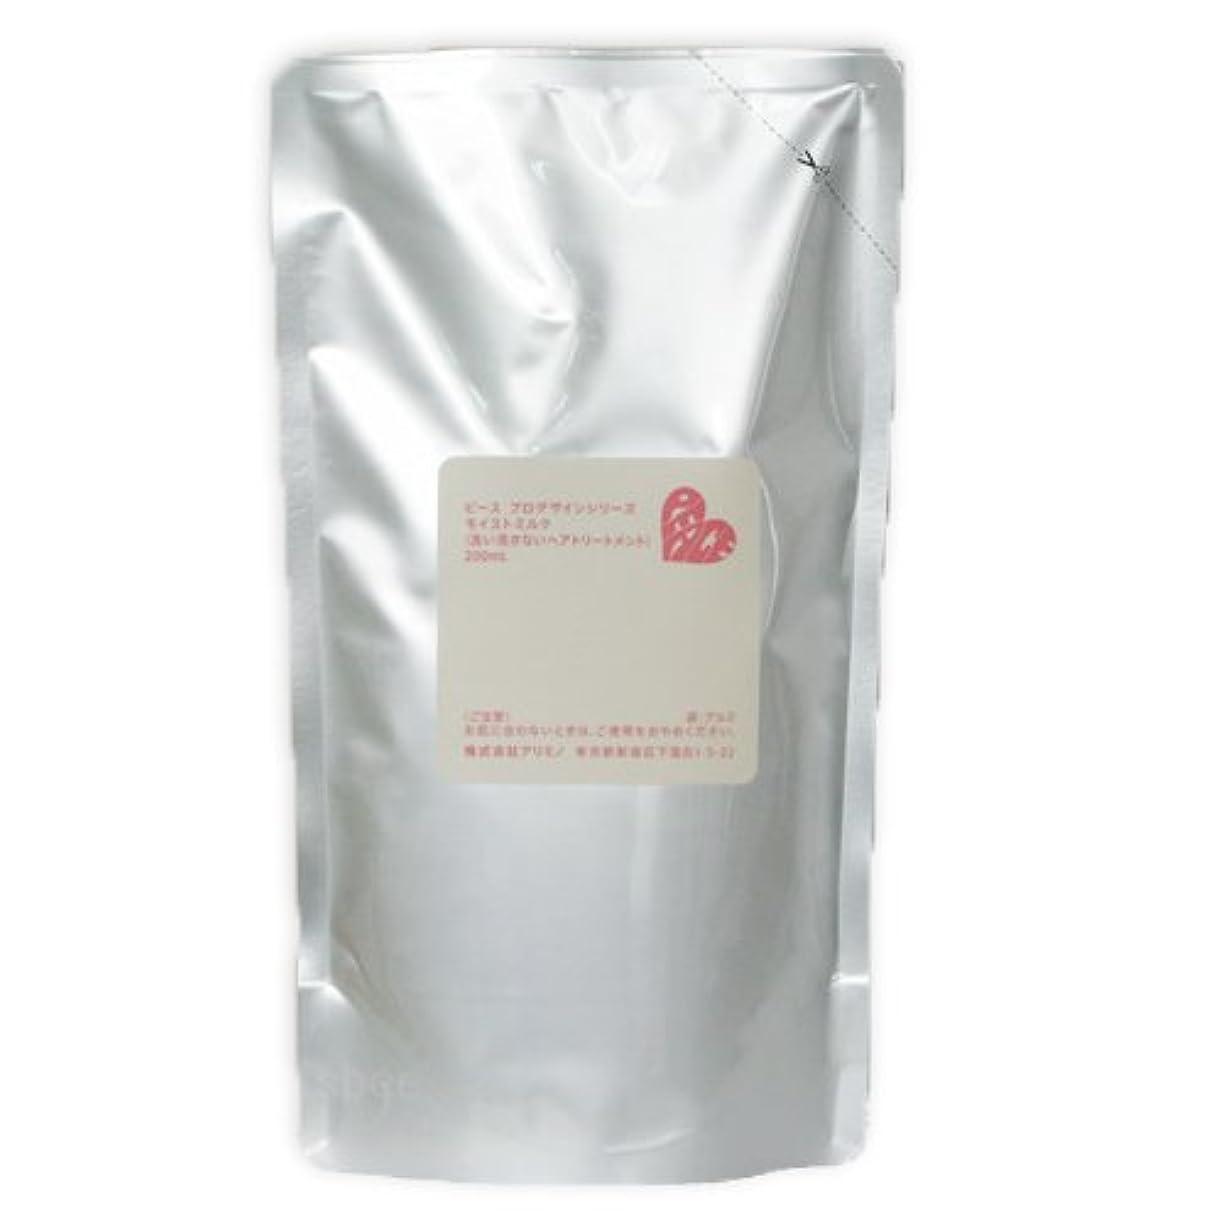 居眠りするタンザニアメイエラアリミノ ピース モイストミルク バニラ 200mL 詰め替え リフィル